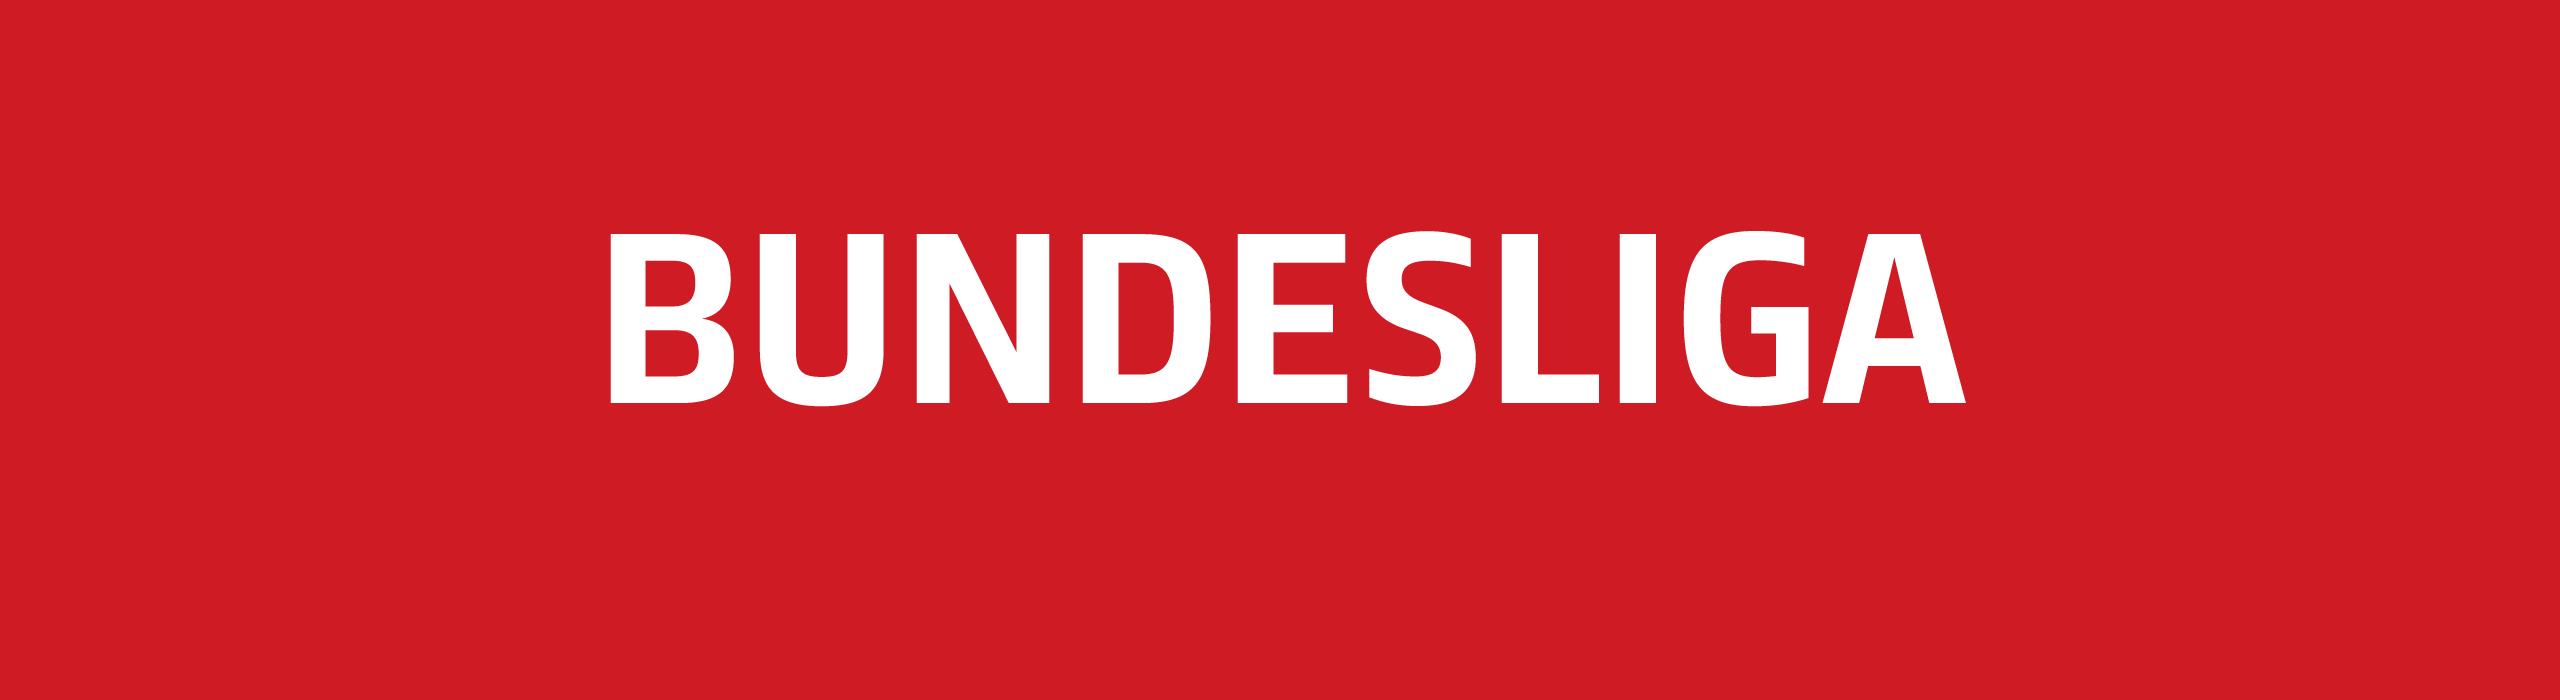 ITT_BundesligaB